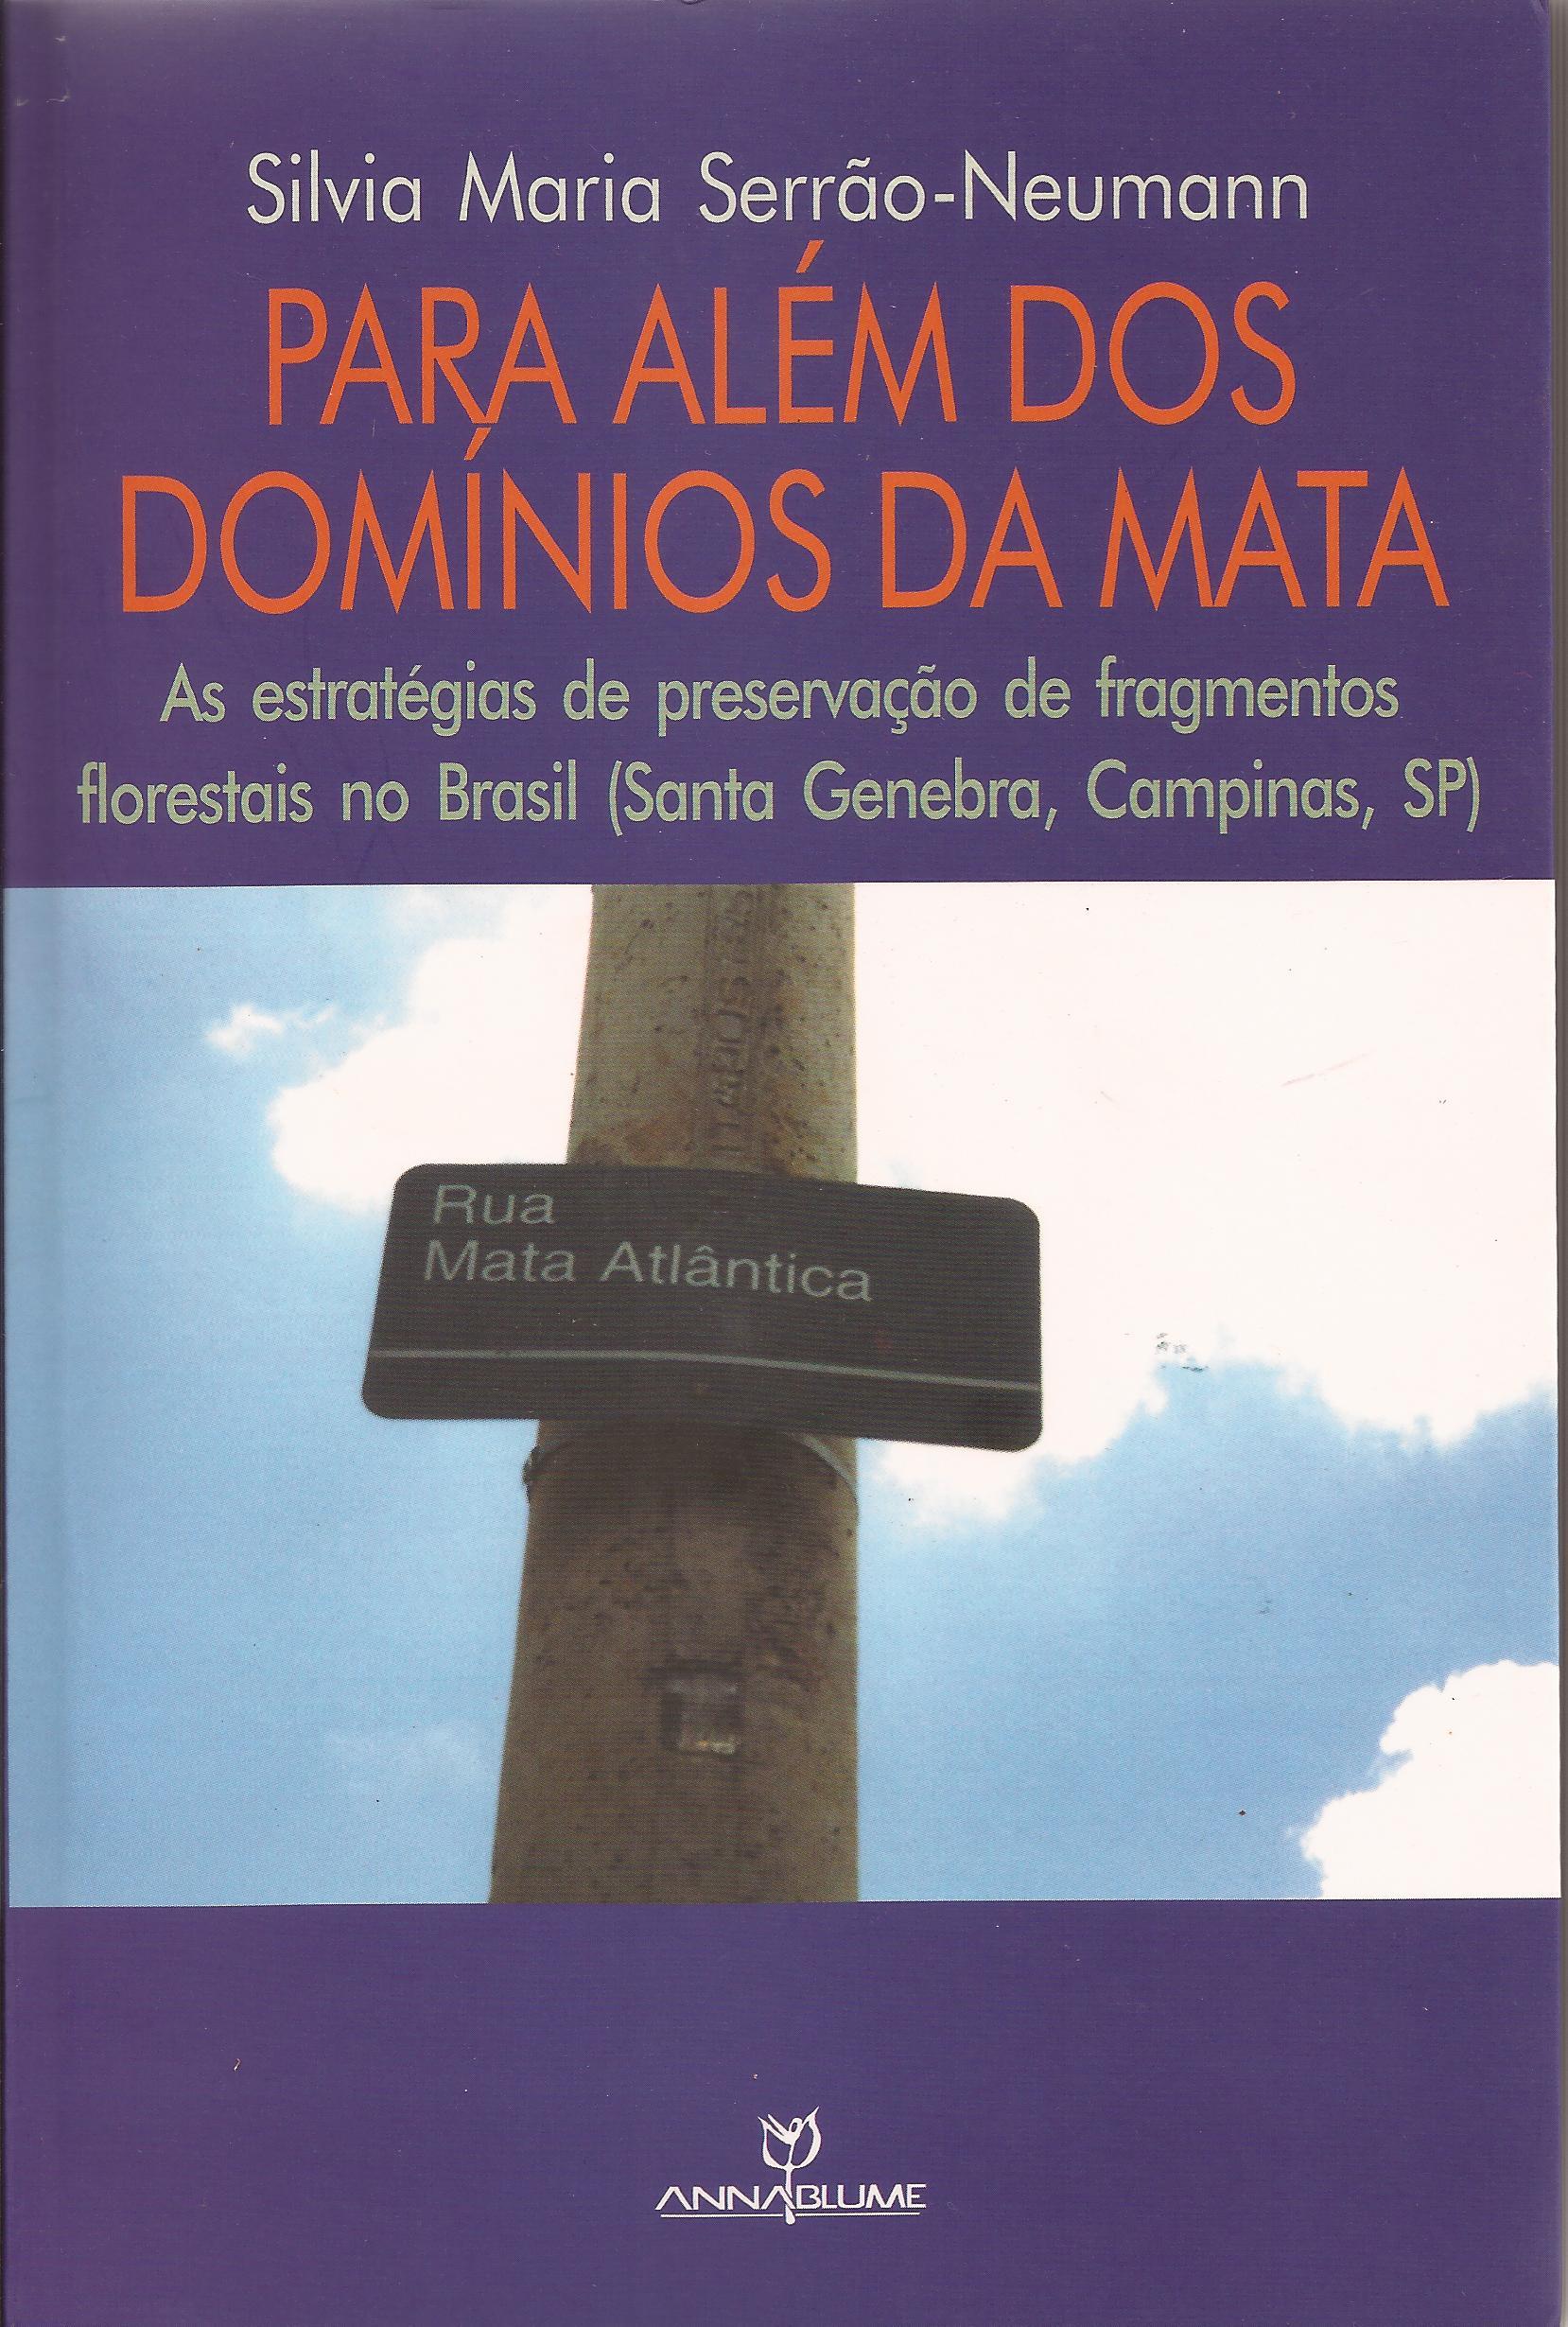 Para além dos domínios da mata – As estratégias de preservação de fragmentos florestais no Brasil (Santa Genebra – Campinas/SP)